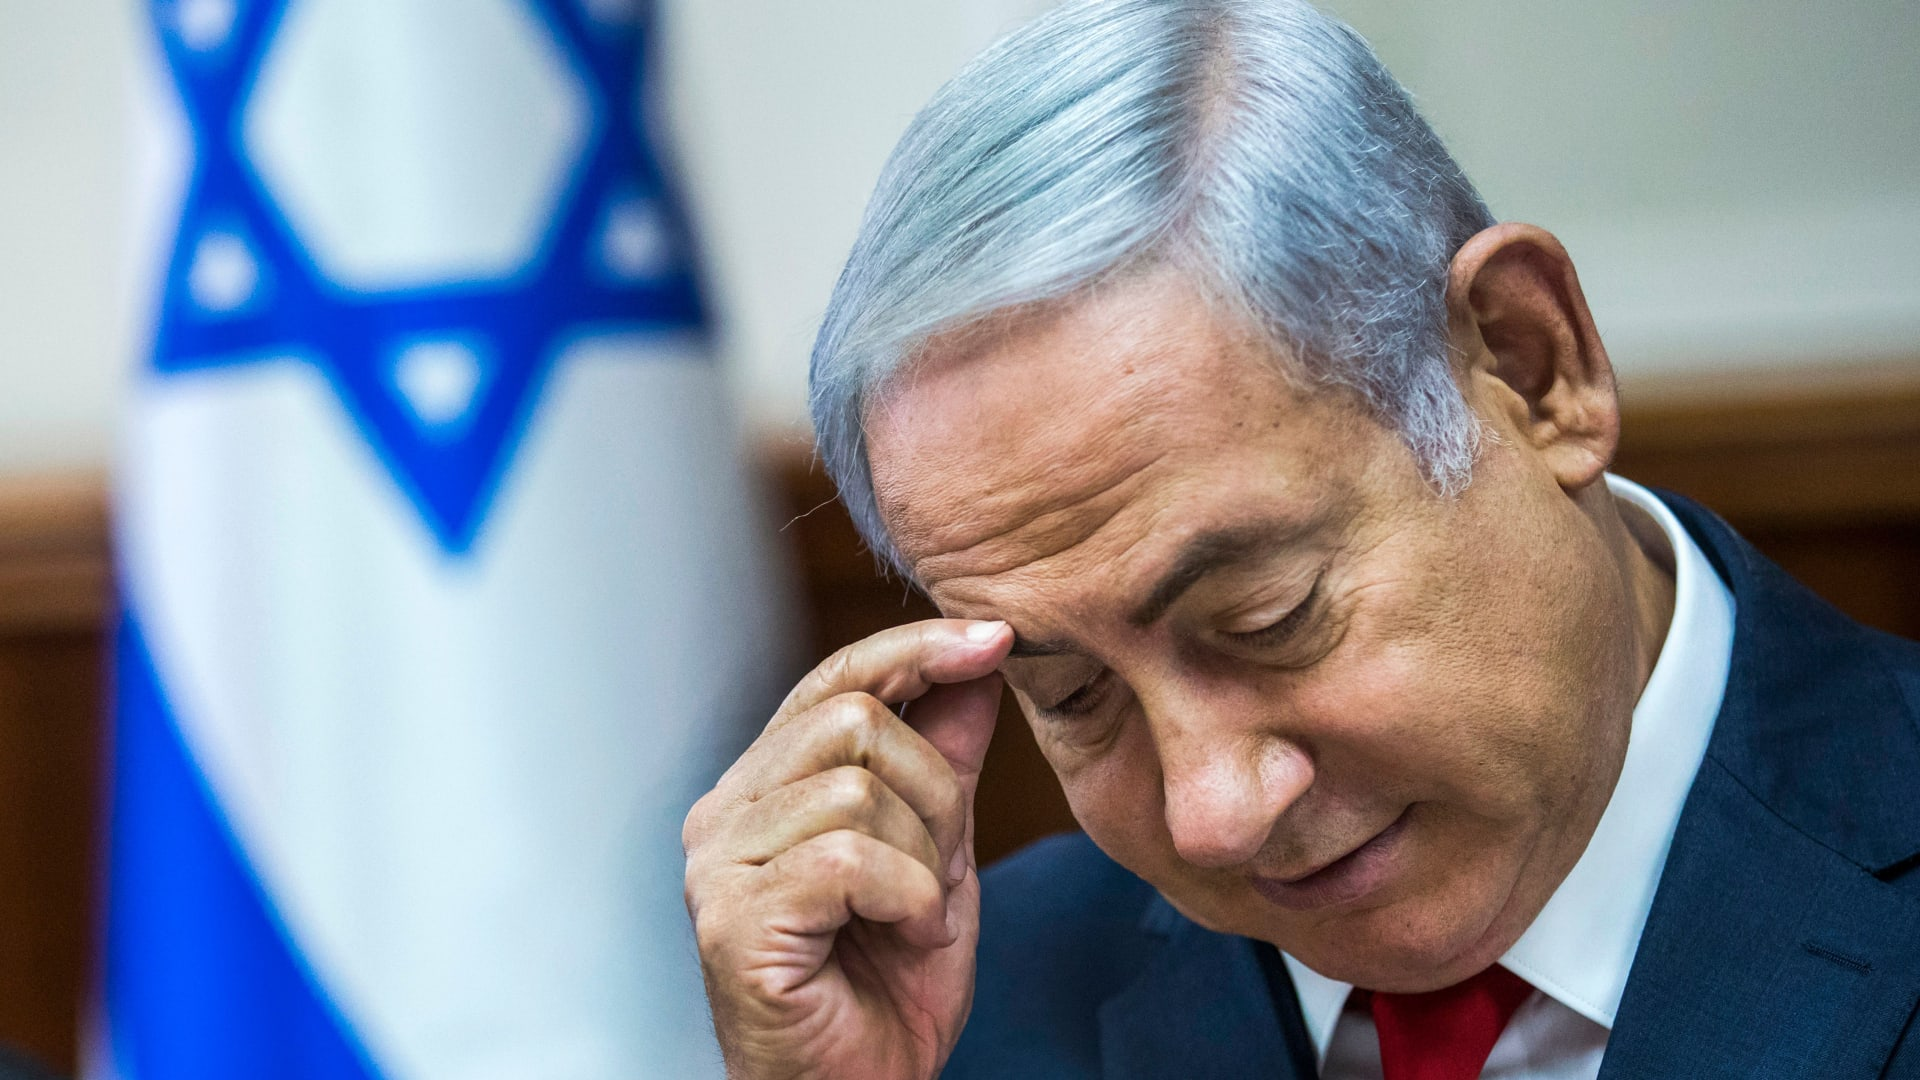 باراغواي تتراجع عن نقل سفارتها إلى القدس.. وإسرائيل ترد